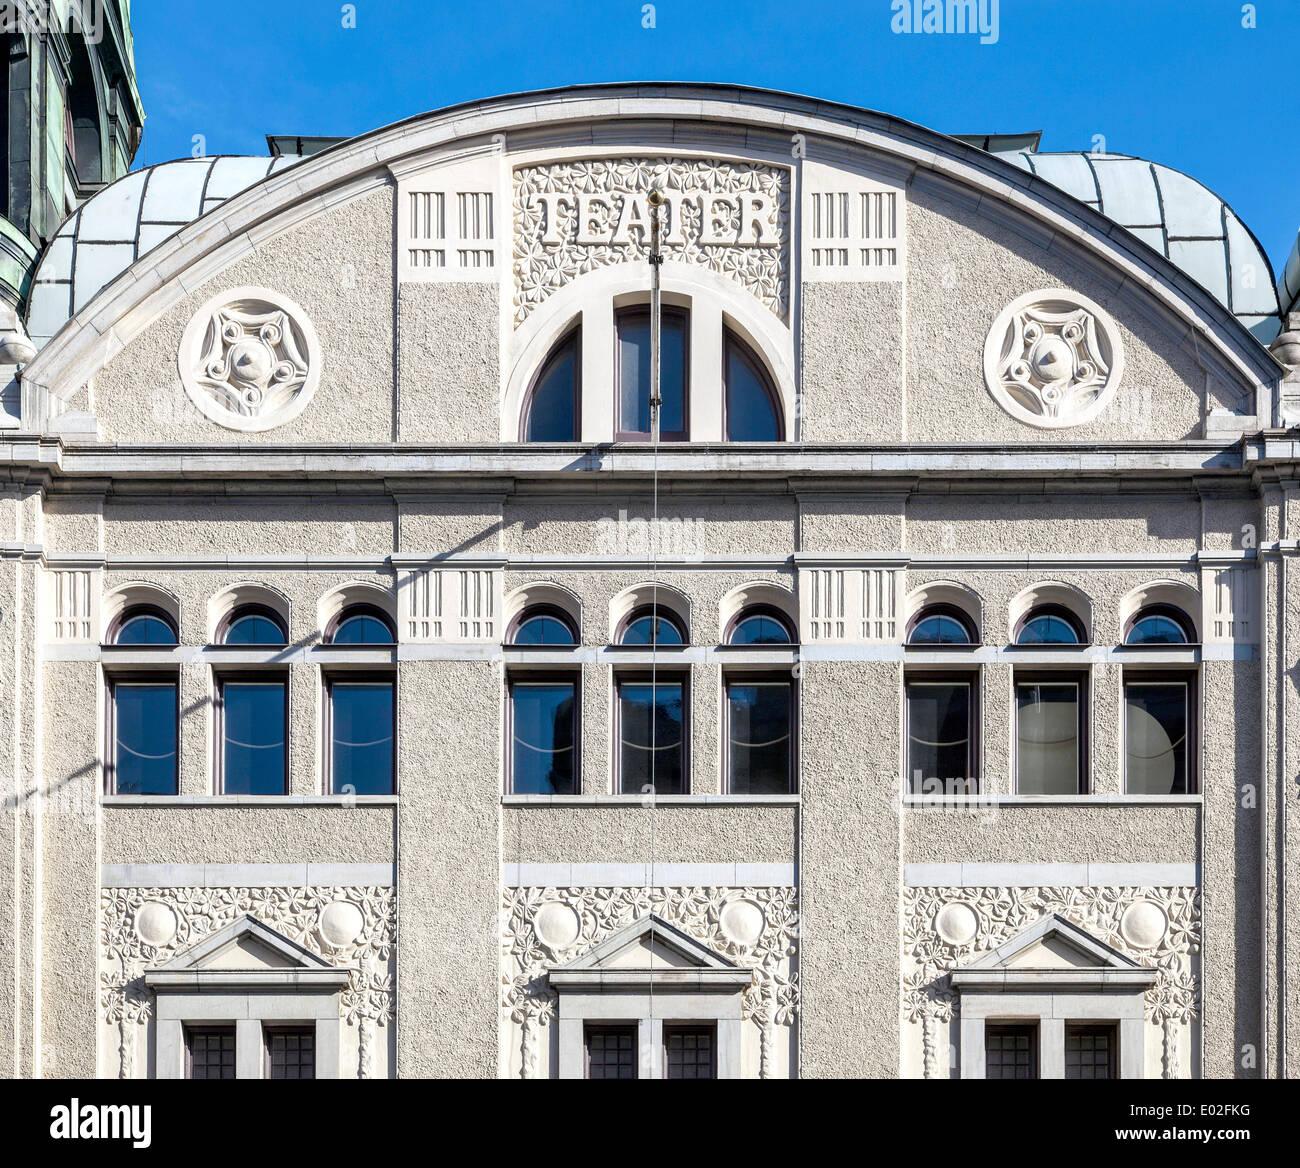 Oscar, teatro o Oscarsteatern, Art Nouveau, Estocolmo, Estocolmo, Suecia Condado Imagen De Stock